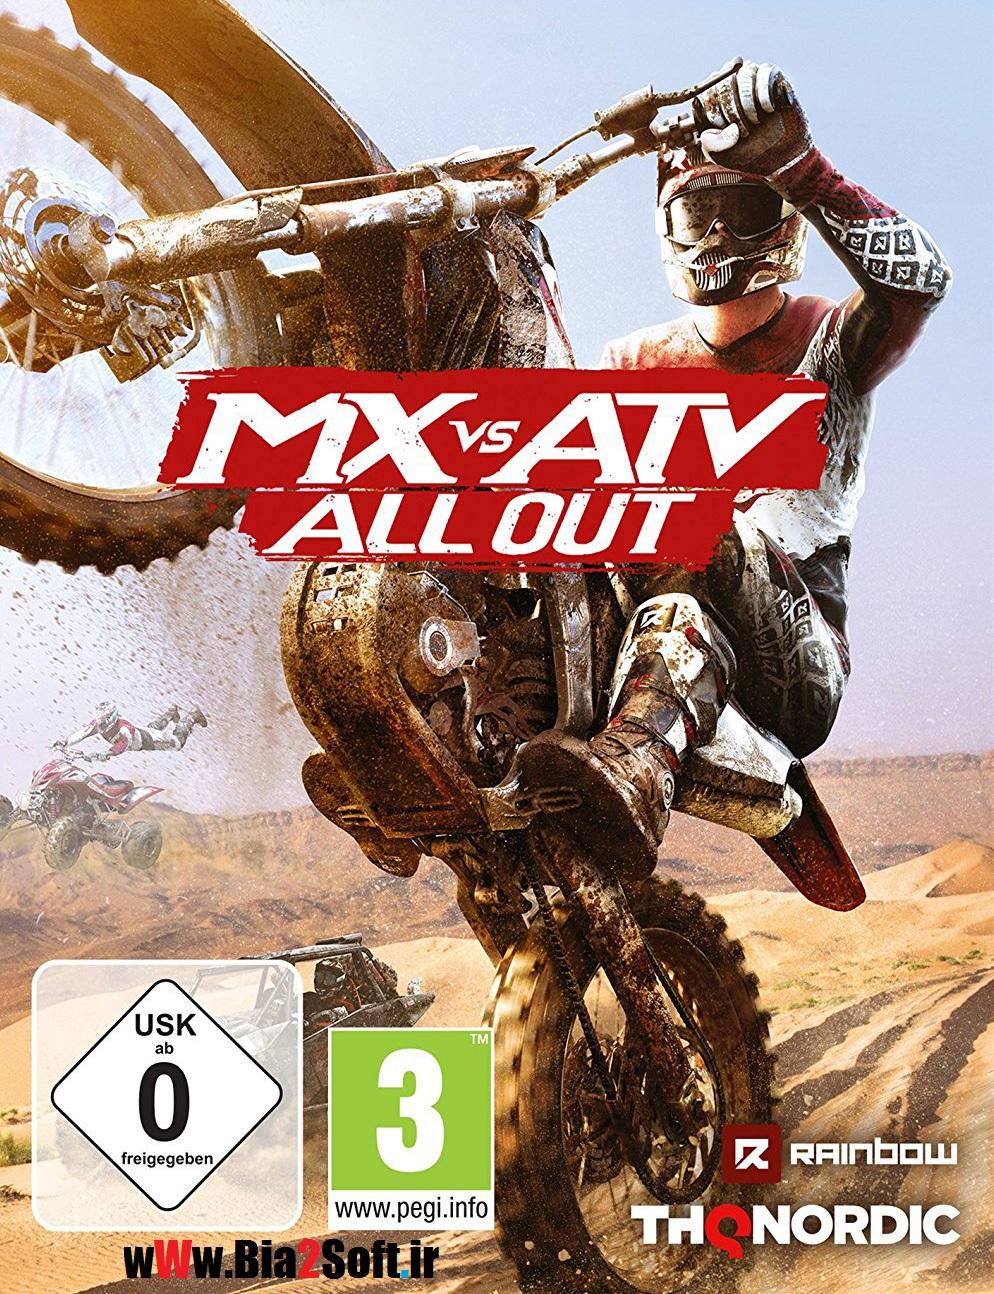 دانلود بازی MX vs ATV All Out + Update v1.05 incl DLC برای کامپیوتر